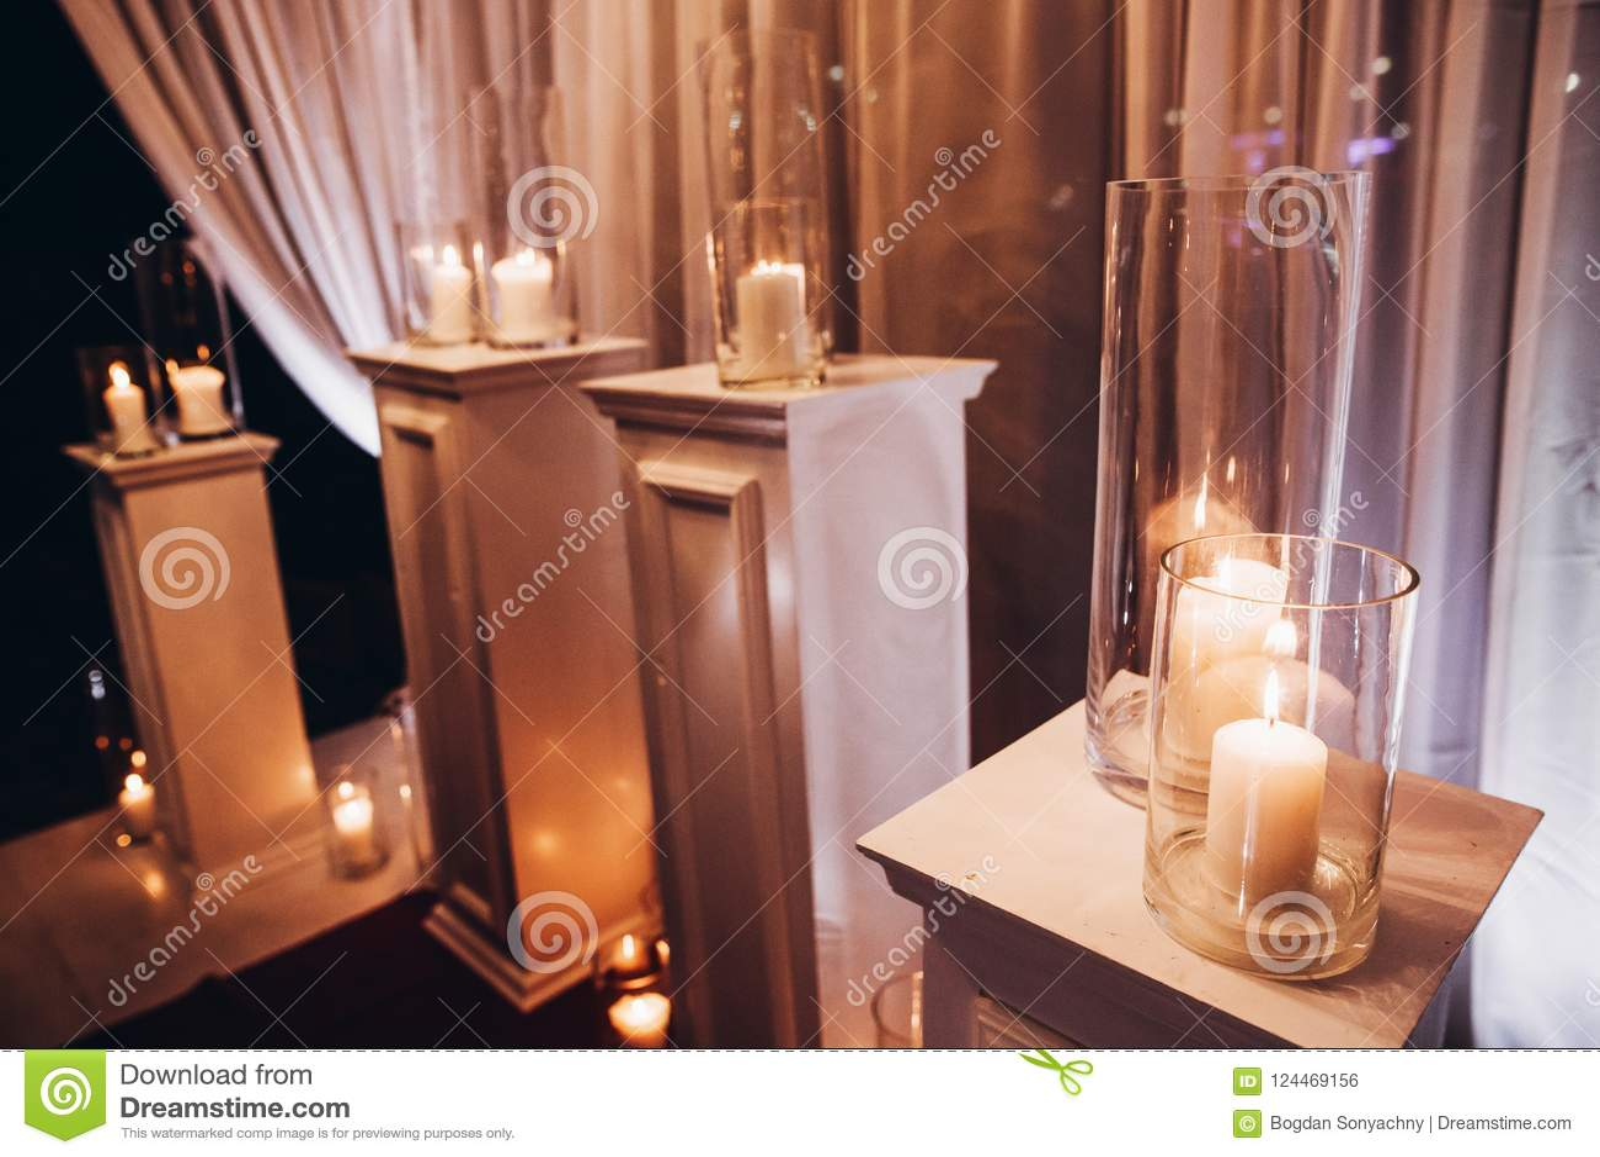 Bougies dans des lanternes en verre et voûte, décor élégant de mariage pour l ev